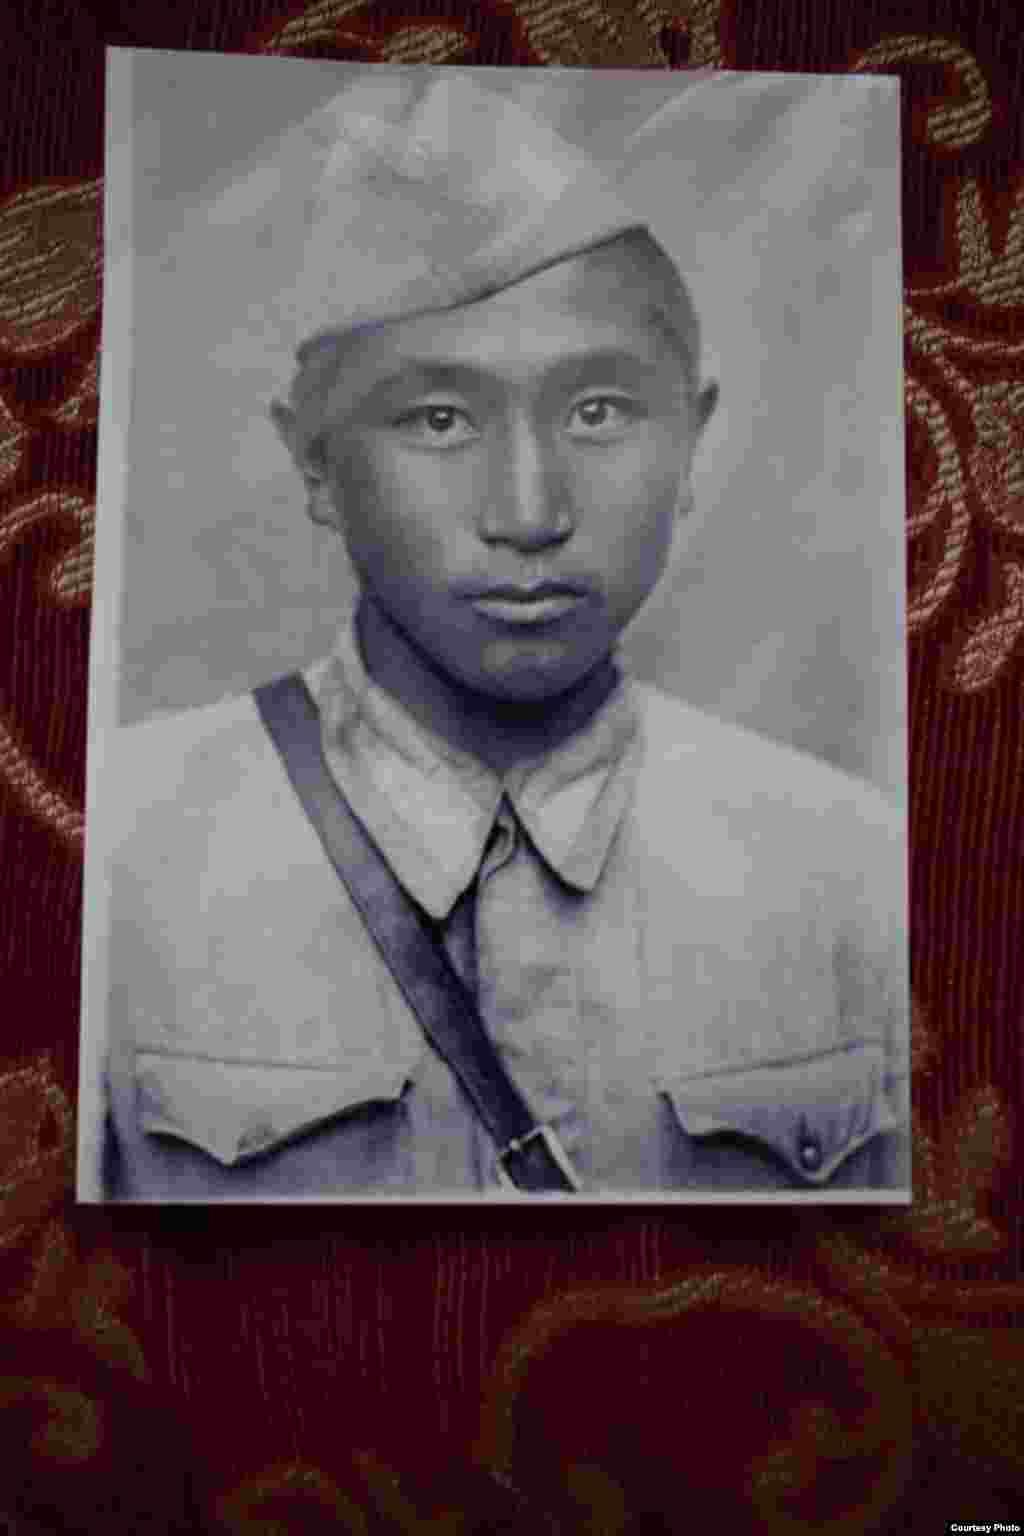 Сабар Жайылкановушел на фронт в возрасте 19 лет, в 1943 году.Вернулся Сабар Жайылканов с войны в 1946 году. Он является почетным жителем села Талды-Суу Тюпского района.